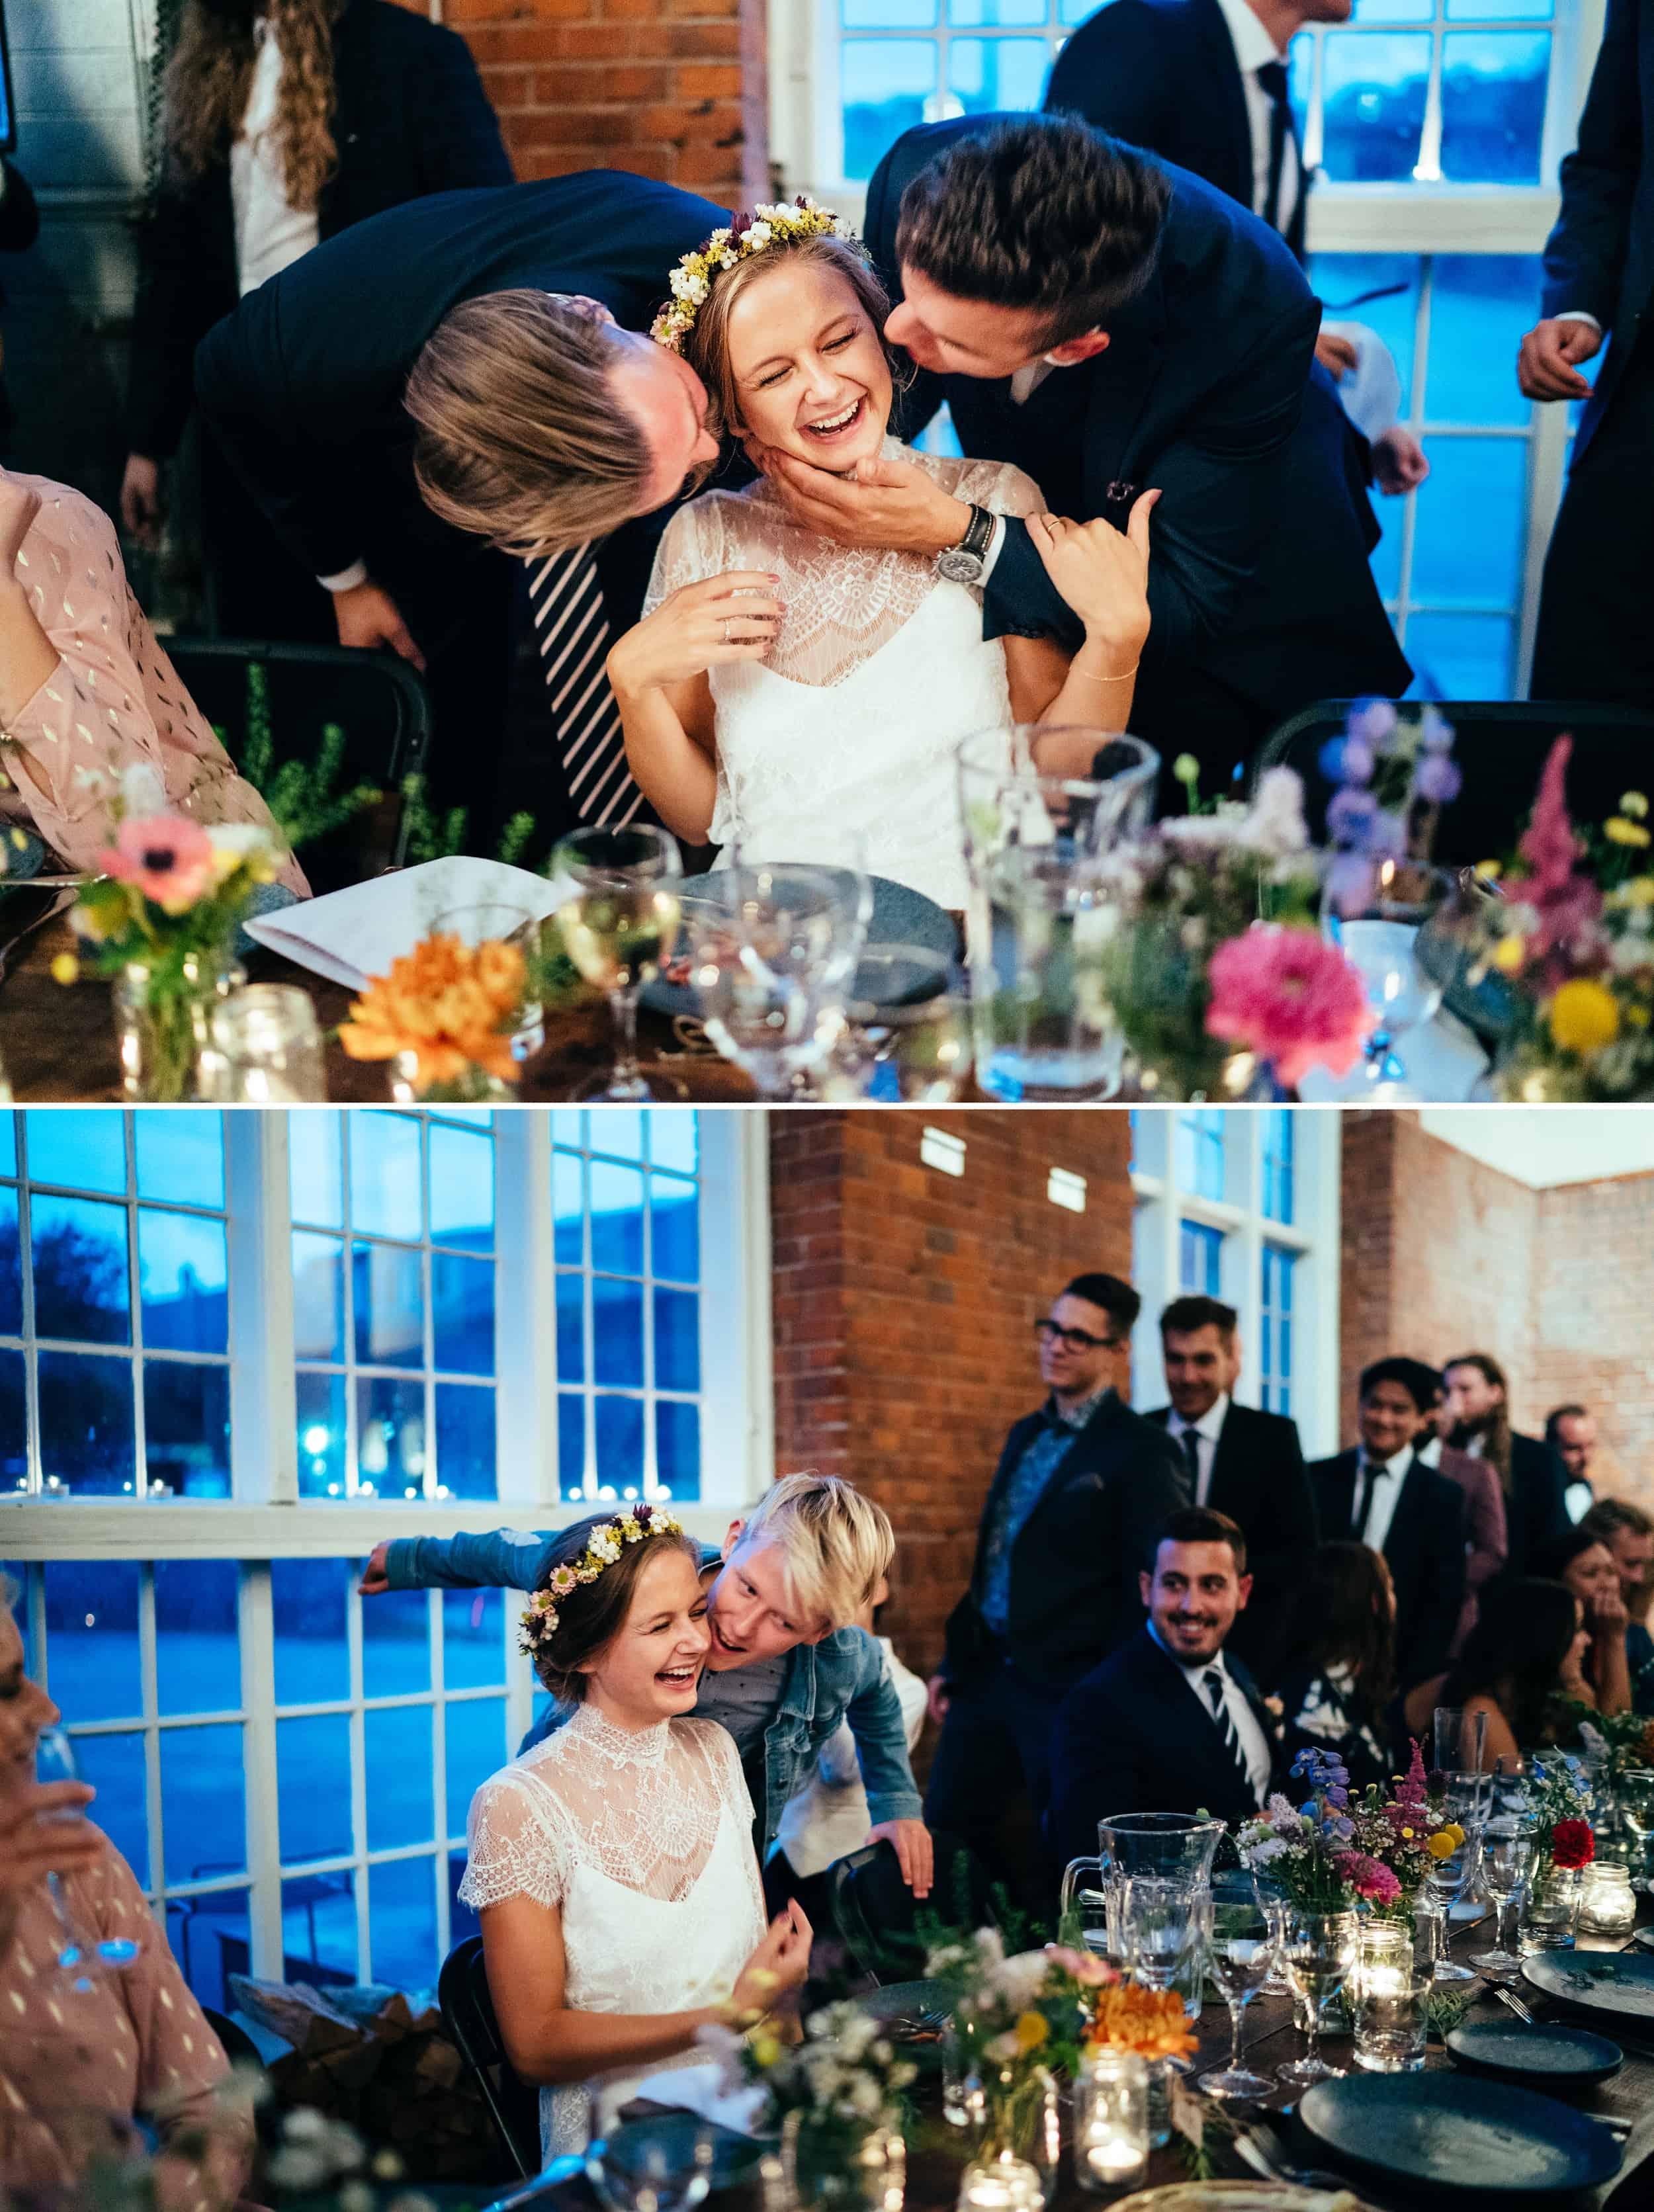 brud-bliver-kysset-af-bryllupsgæster.jpg